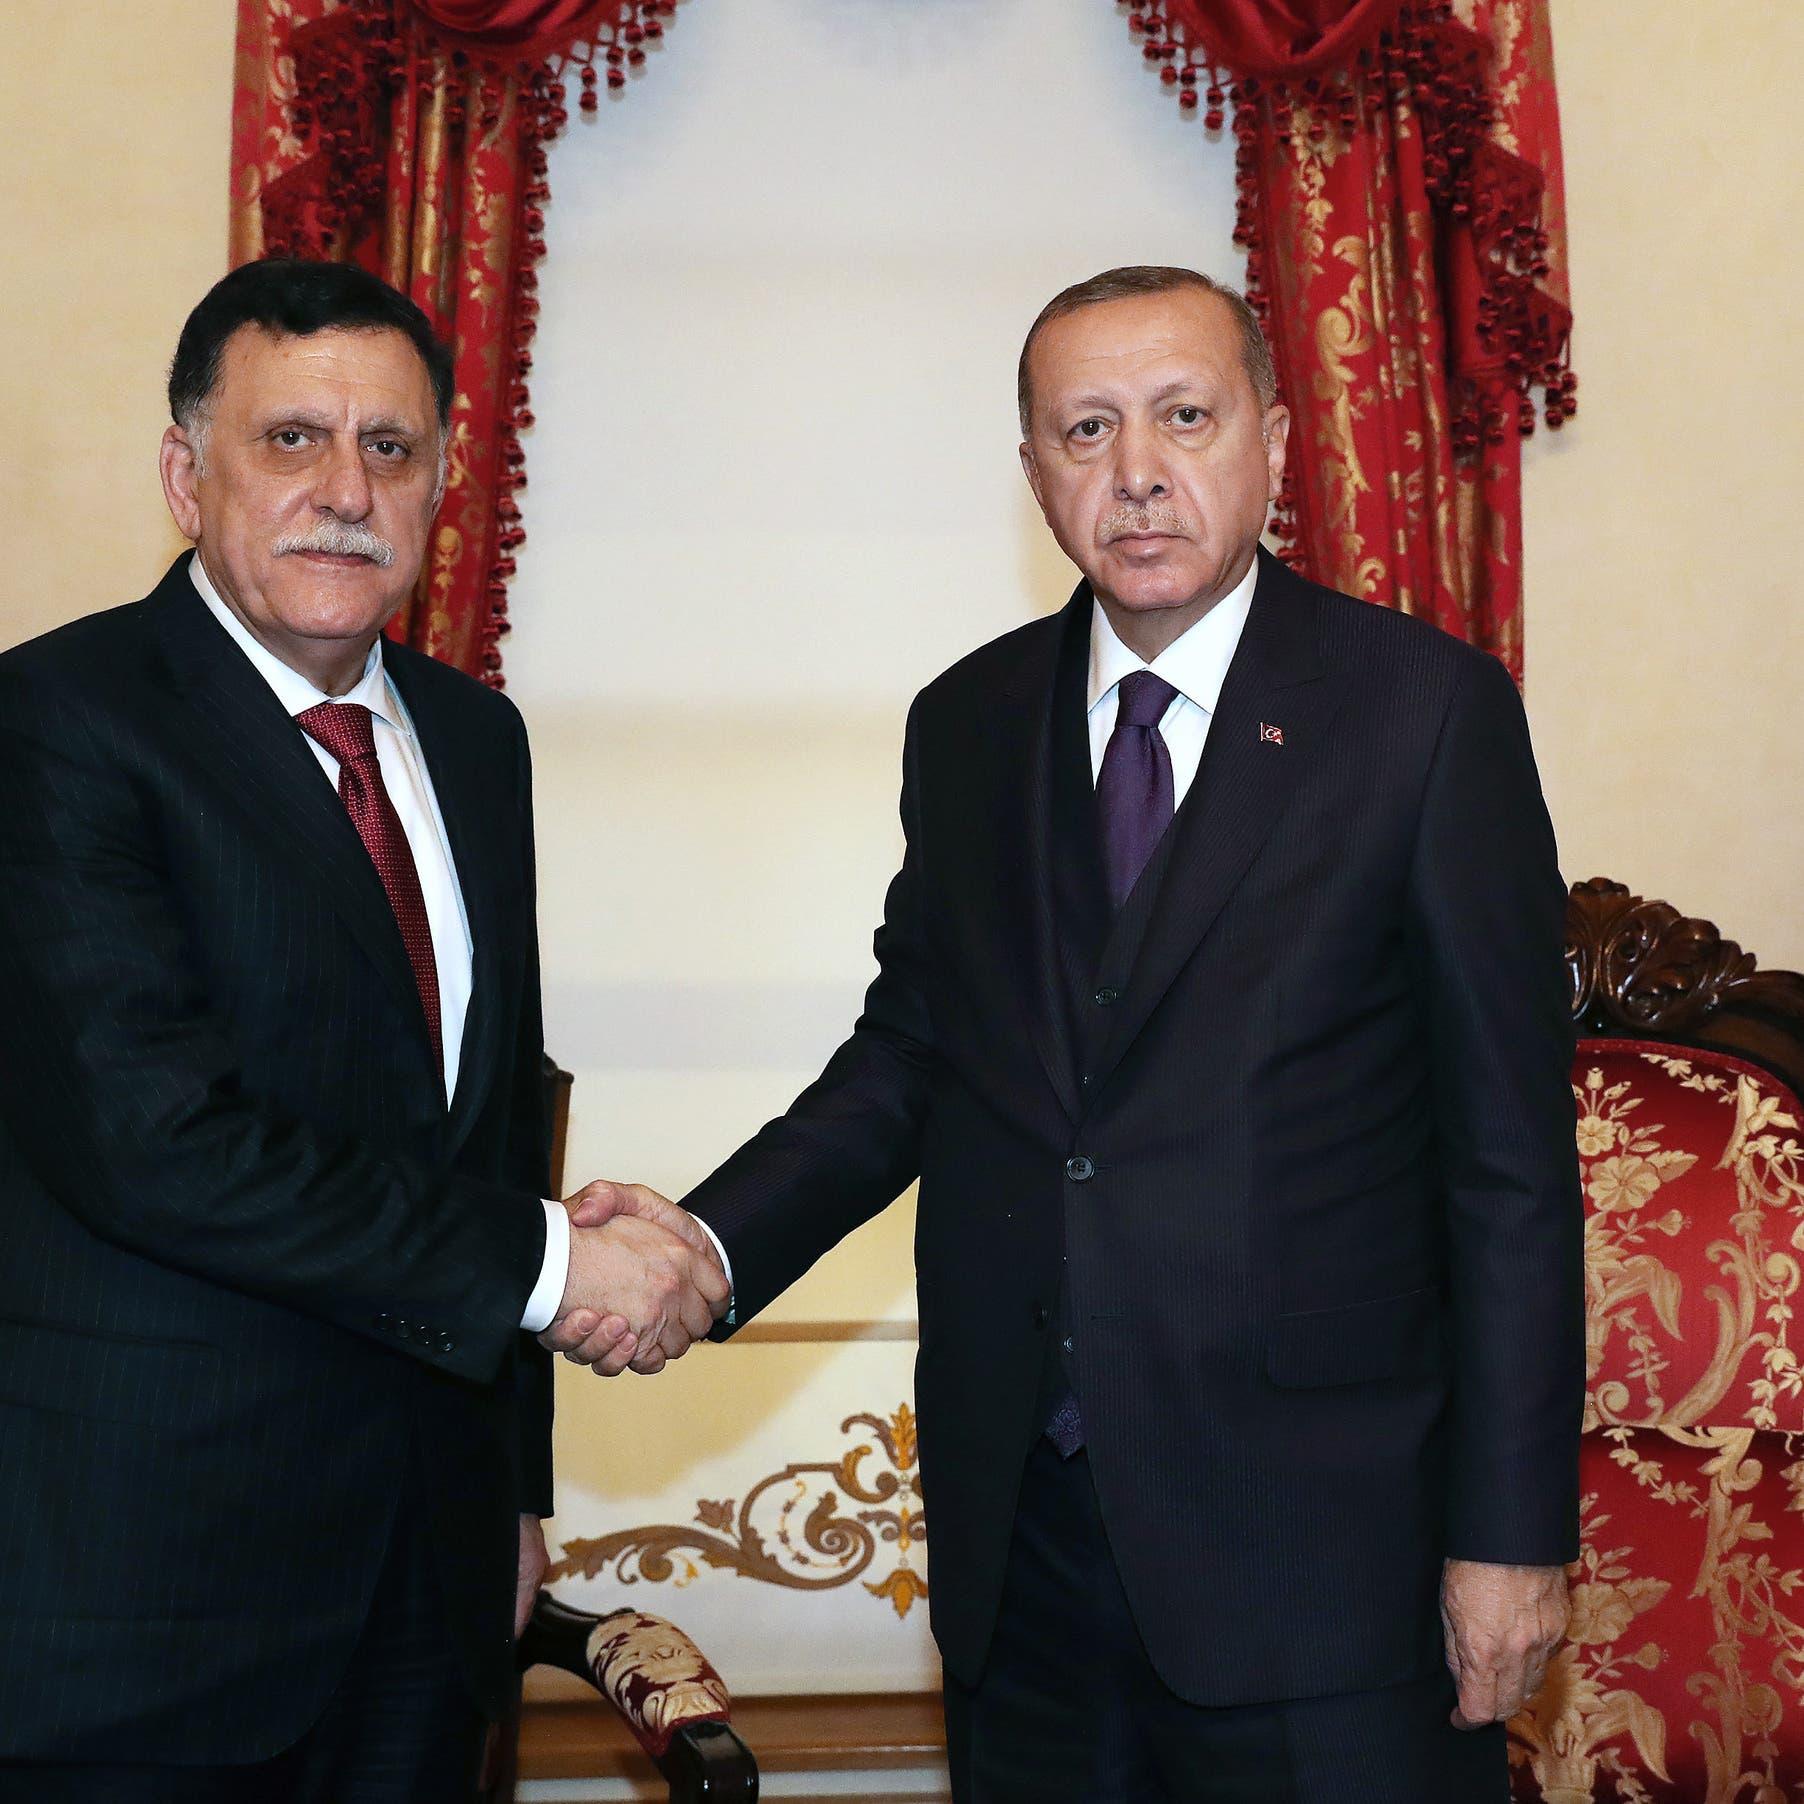 مسؤول بحكومة السراج يقرّ: تركيا استغلت ضعف